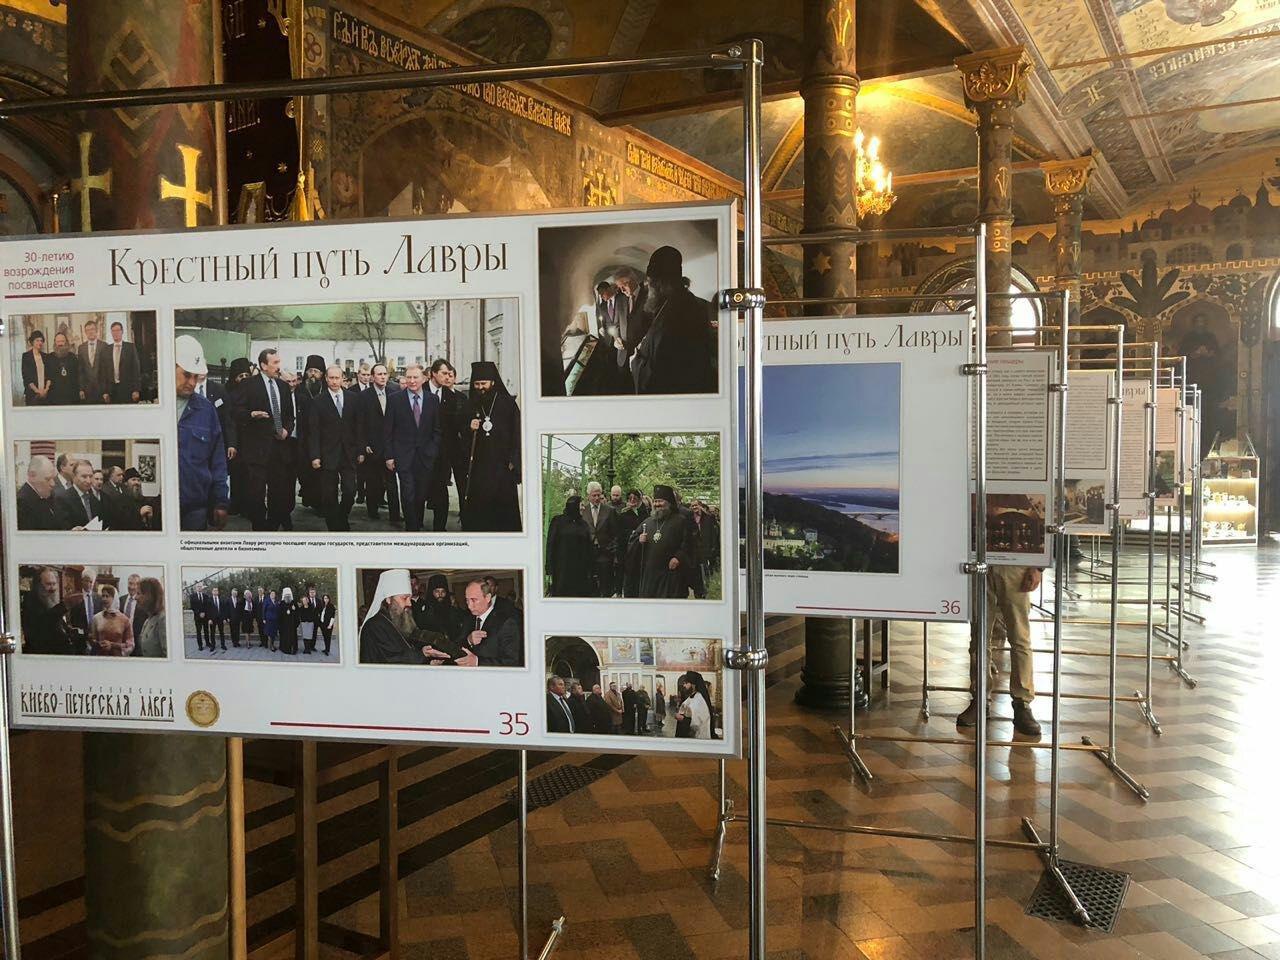 Фото: фотовыставка в Лавре (Александр Куликовский)